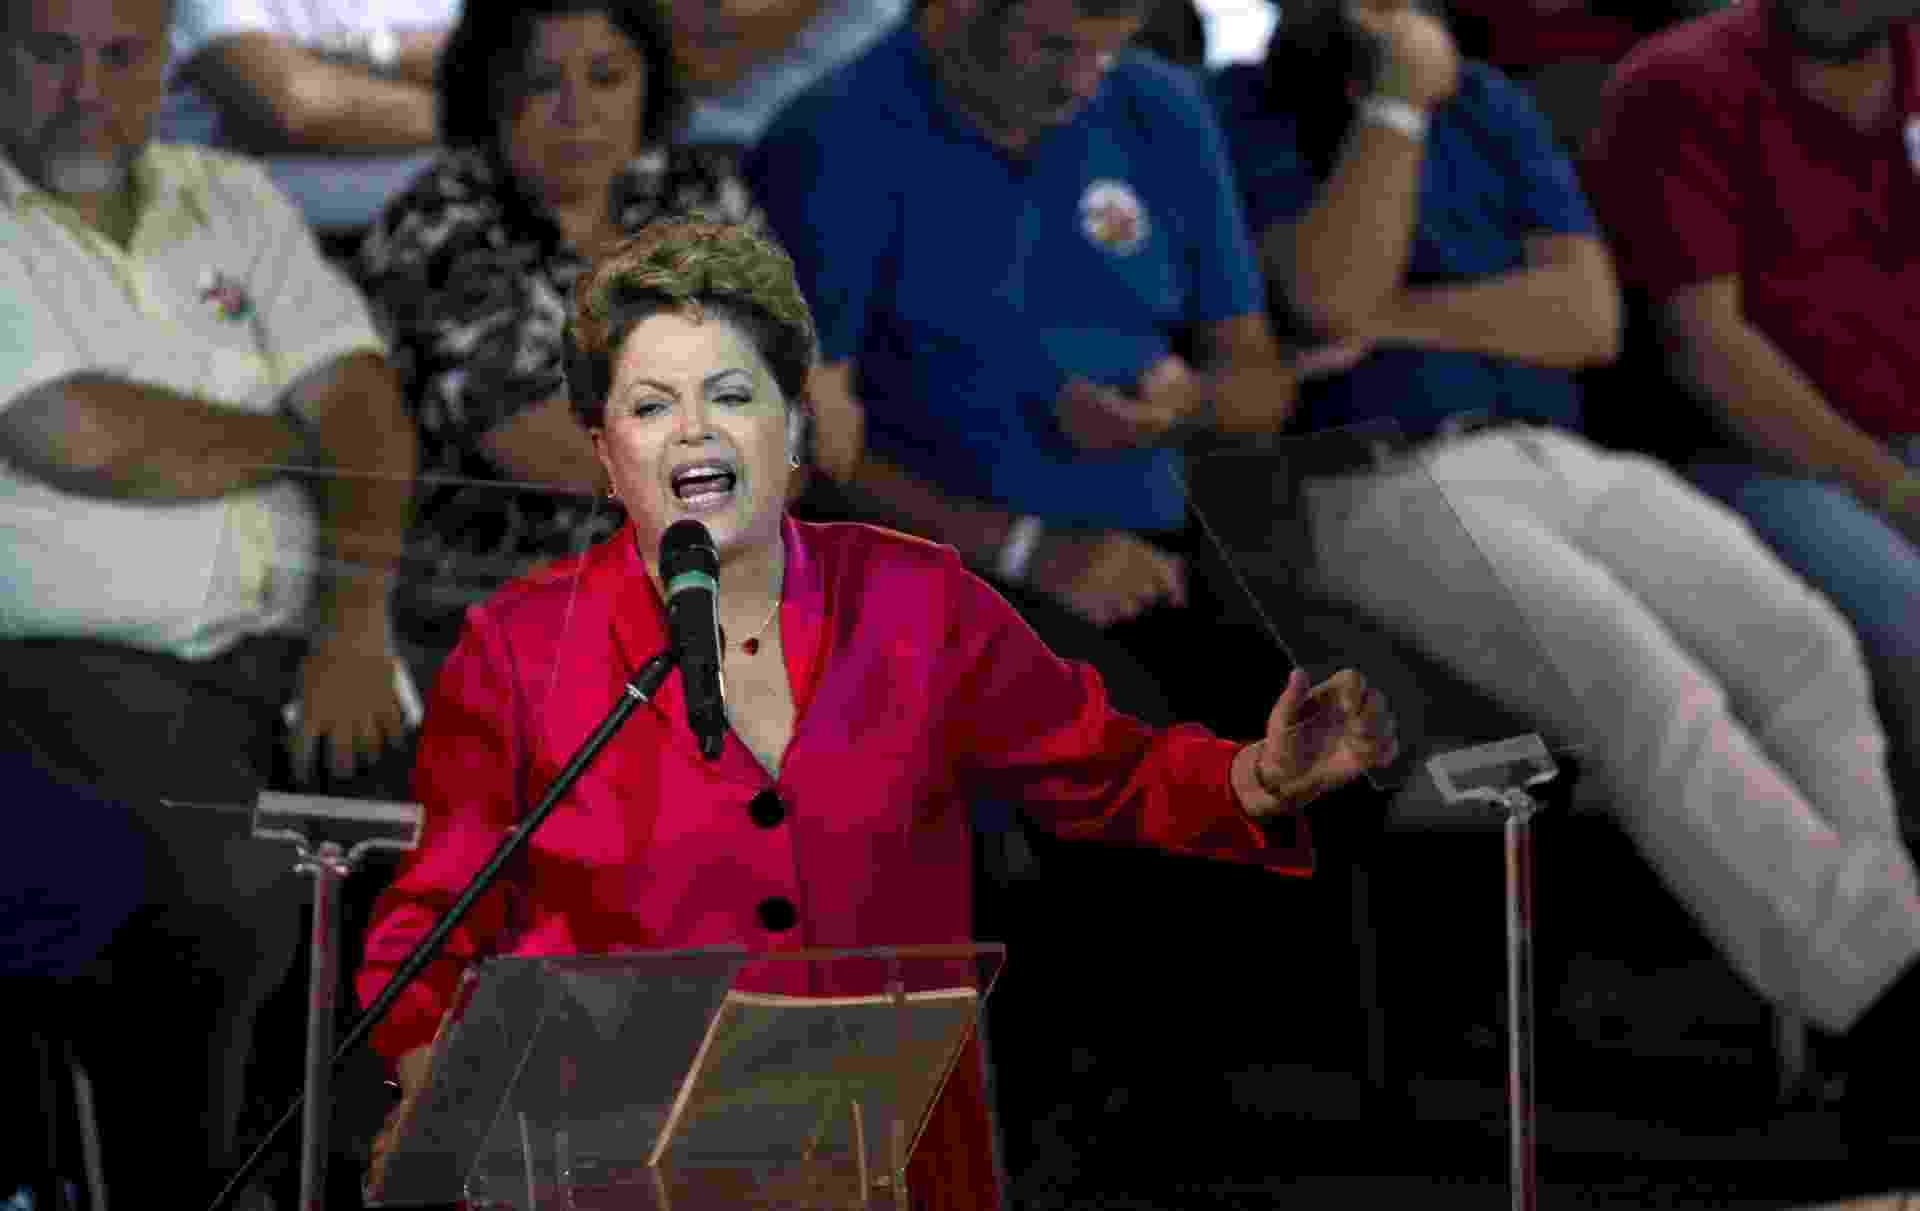 10.fev.2014 - A presidente Dilma Rousseff faz um discurso durante o 34º aniversário do PT (Partido dos Trabalhadores), durante evento em São Paulo - Nelson Almeida/AFP